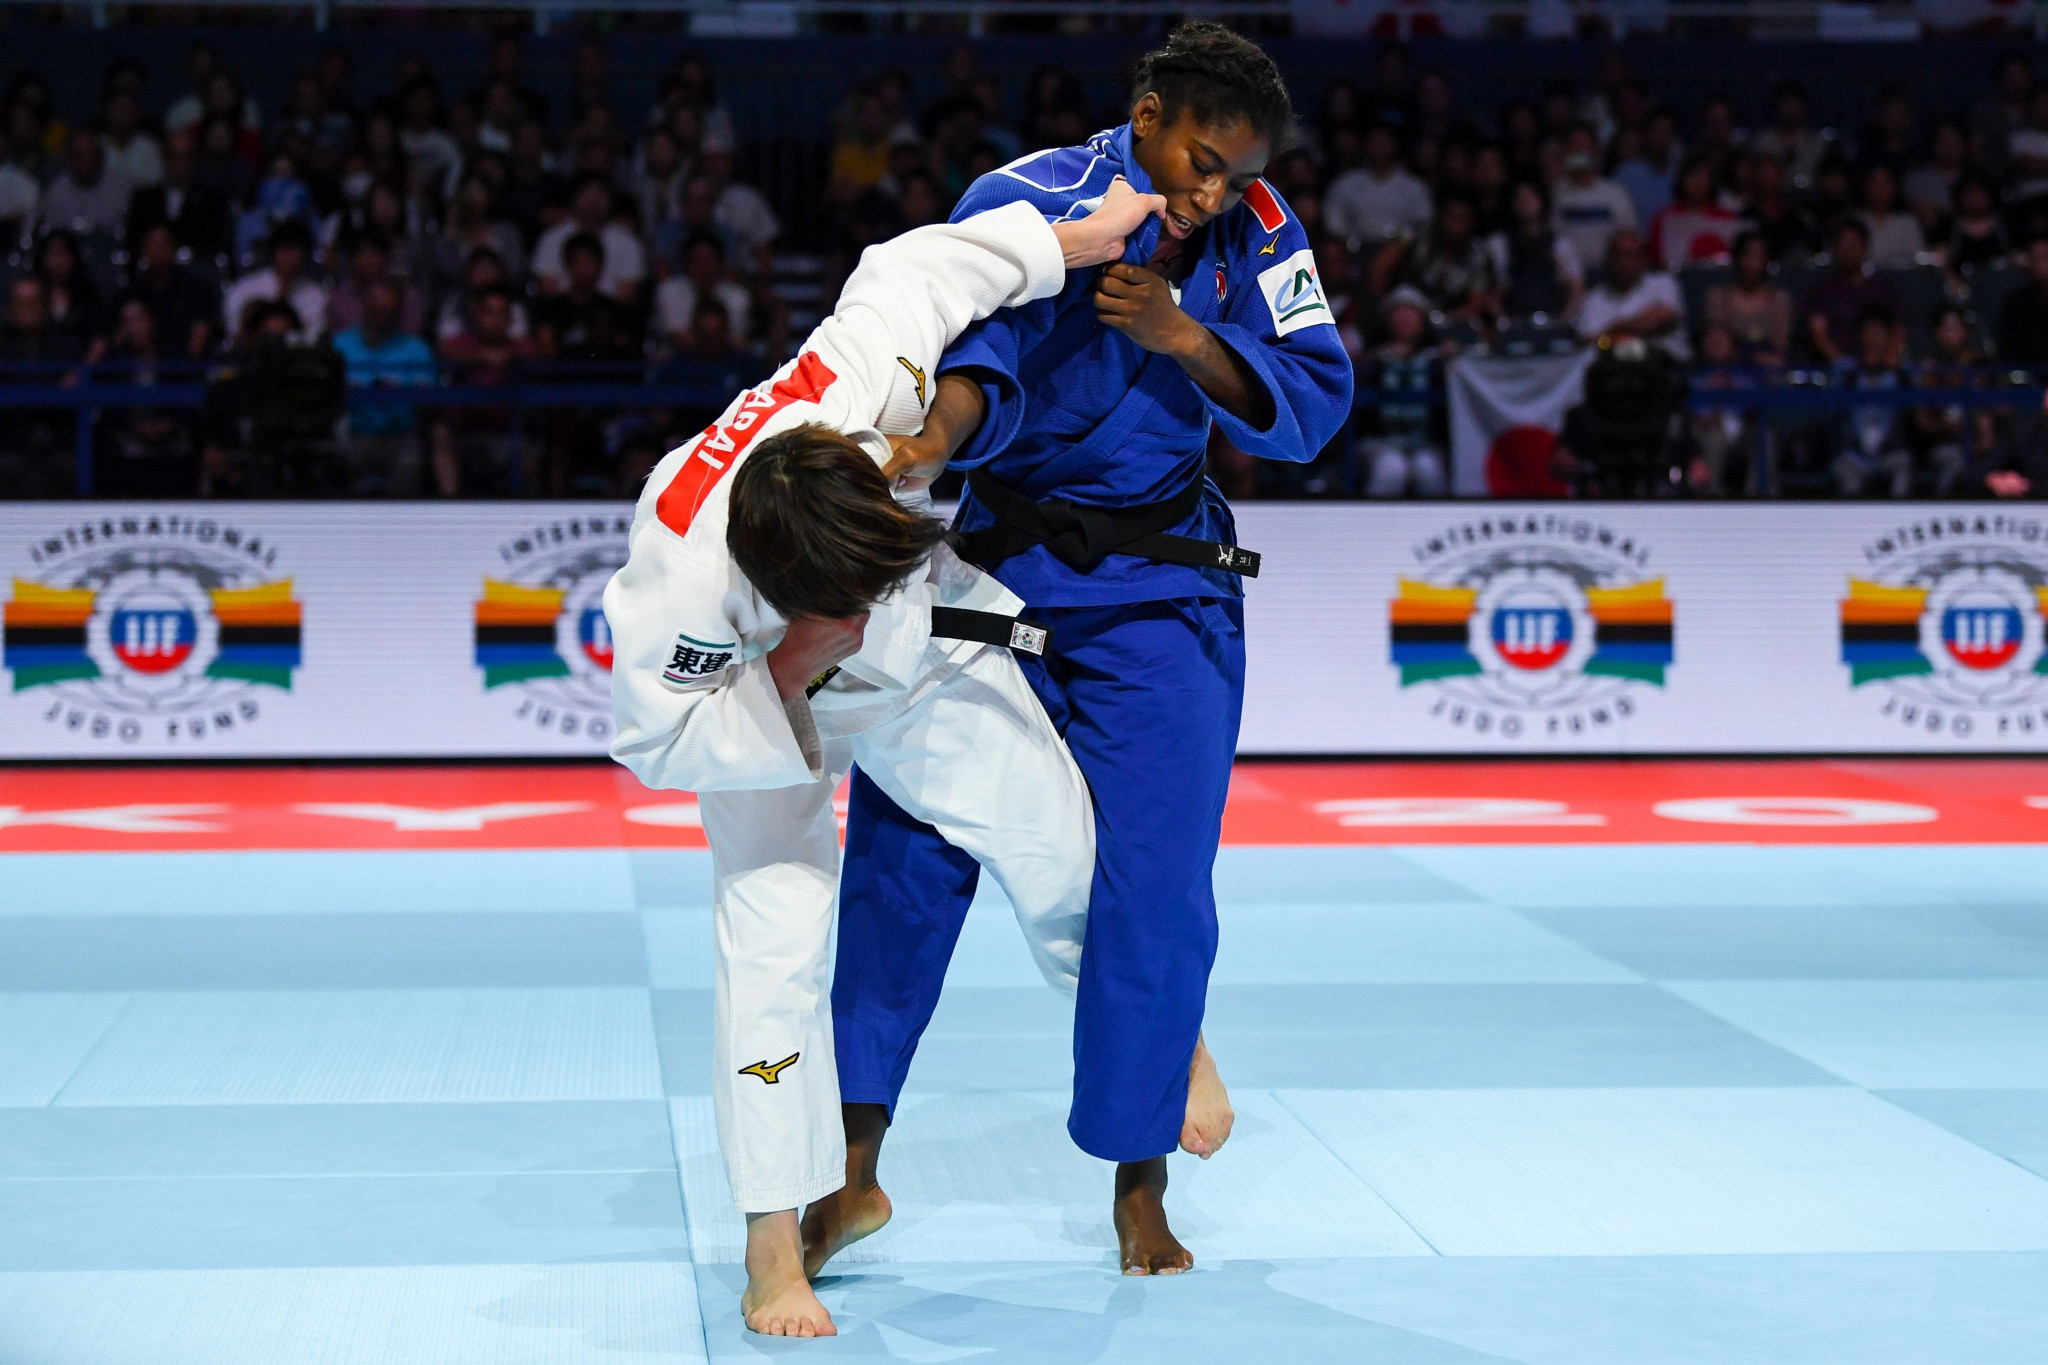 Chizuru Arai fights Marie-Ève Gahié in the under-70kg category ©Getty Images